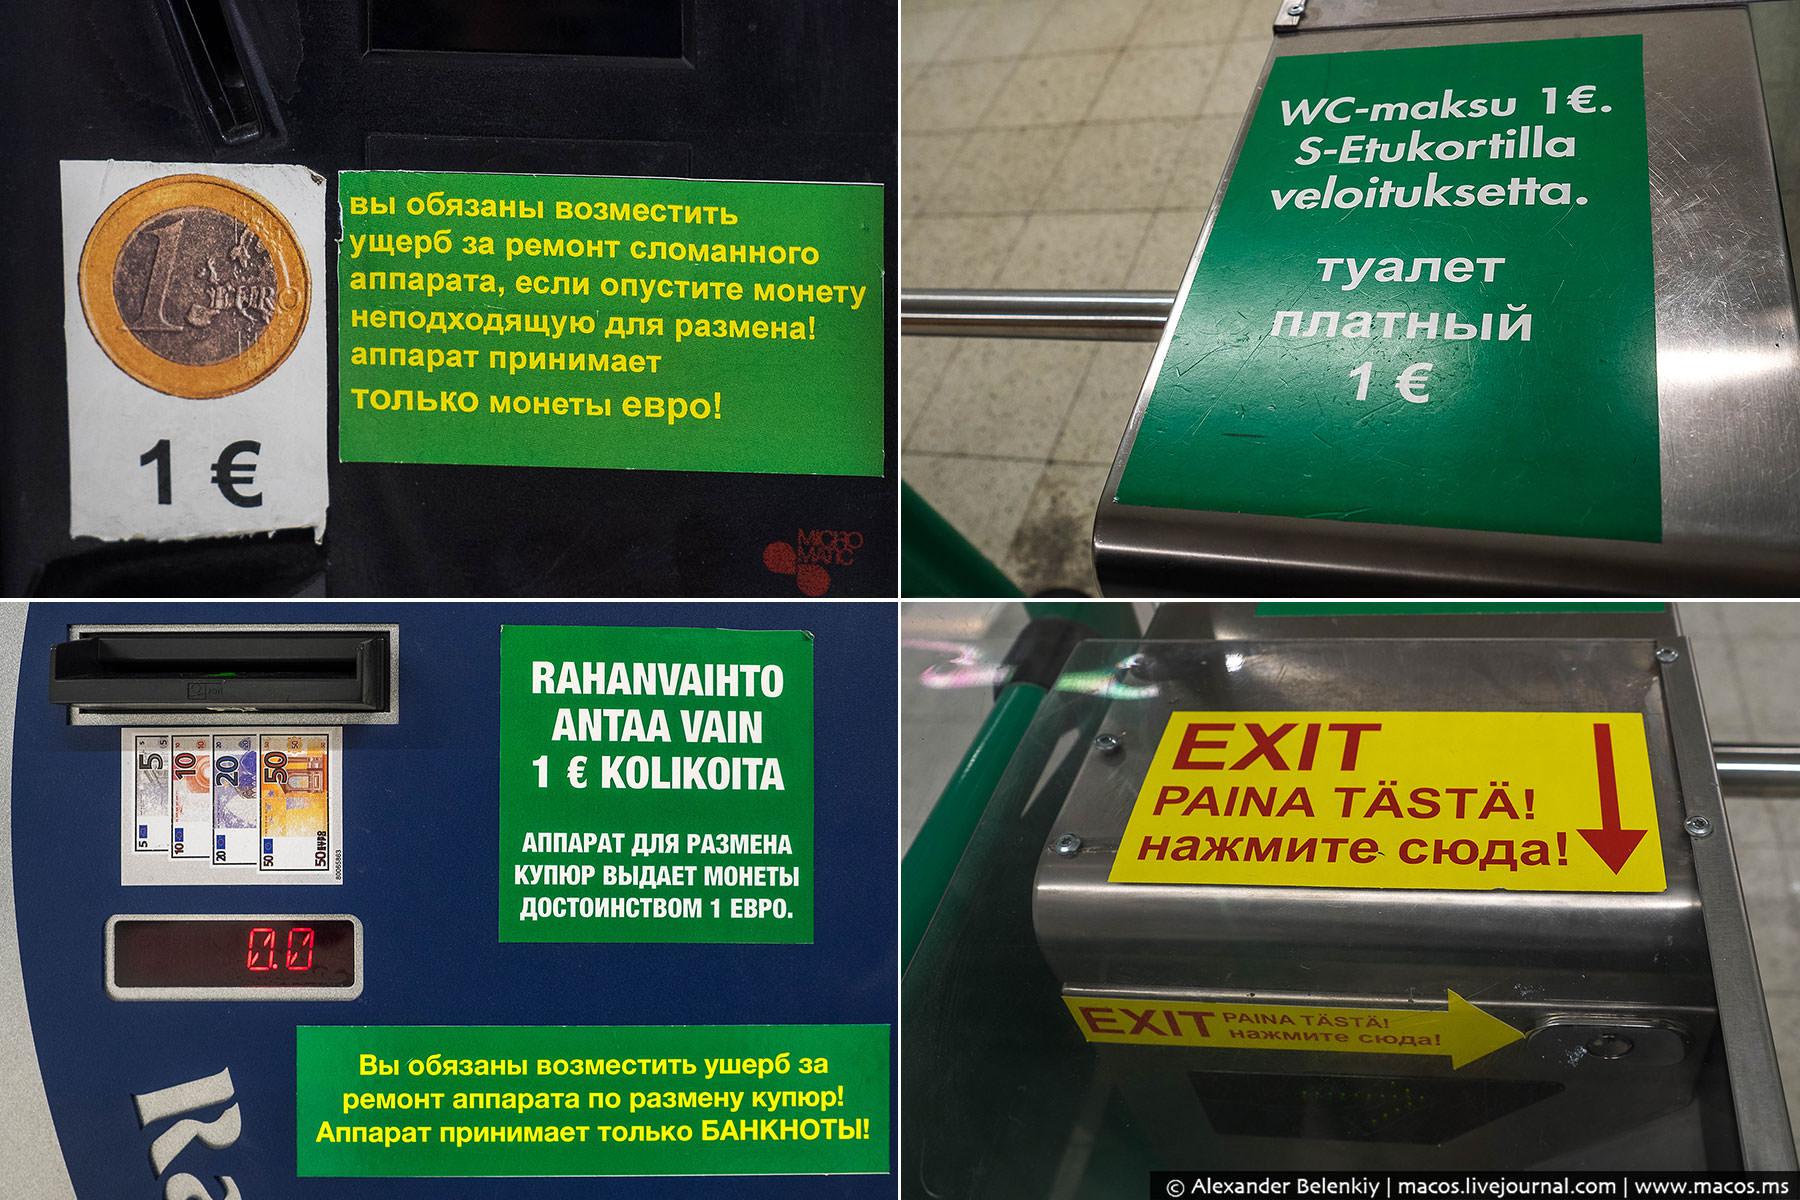 Все в магазине переведено на русский язык, а где-то надписи есть только на русском. Например, что пр